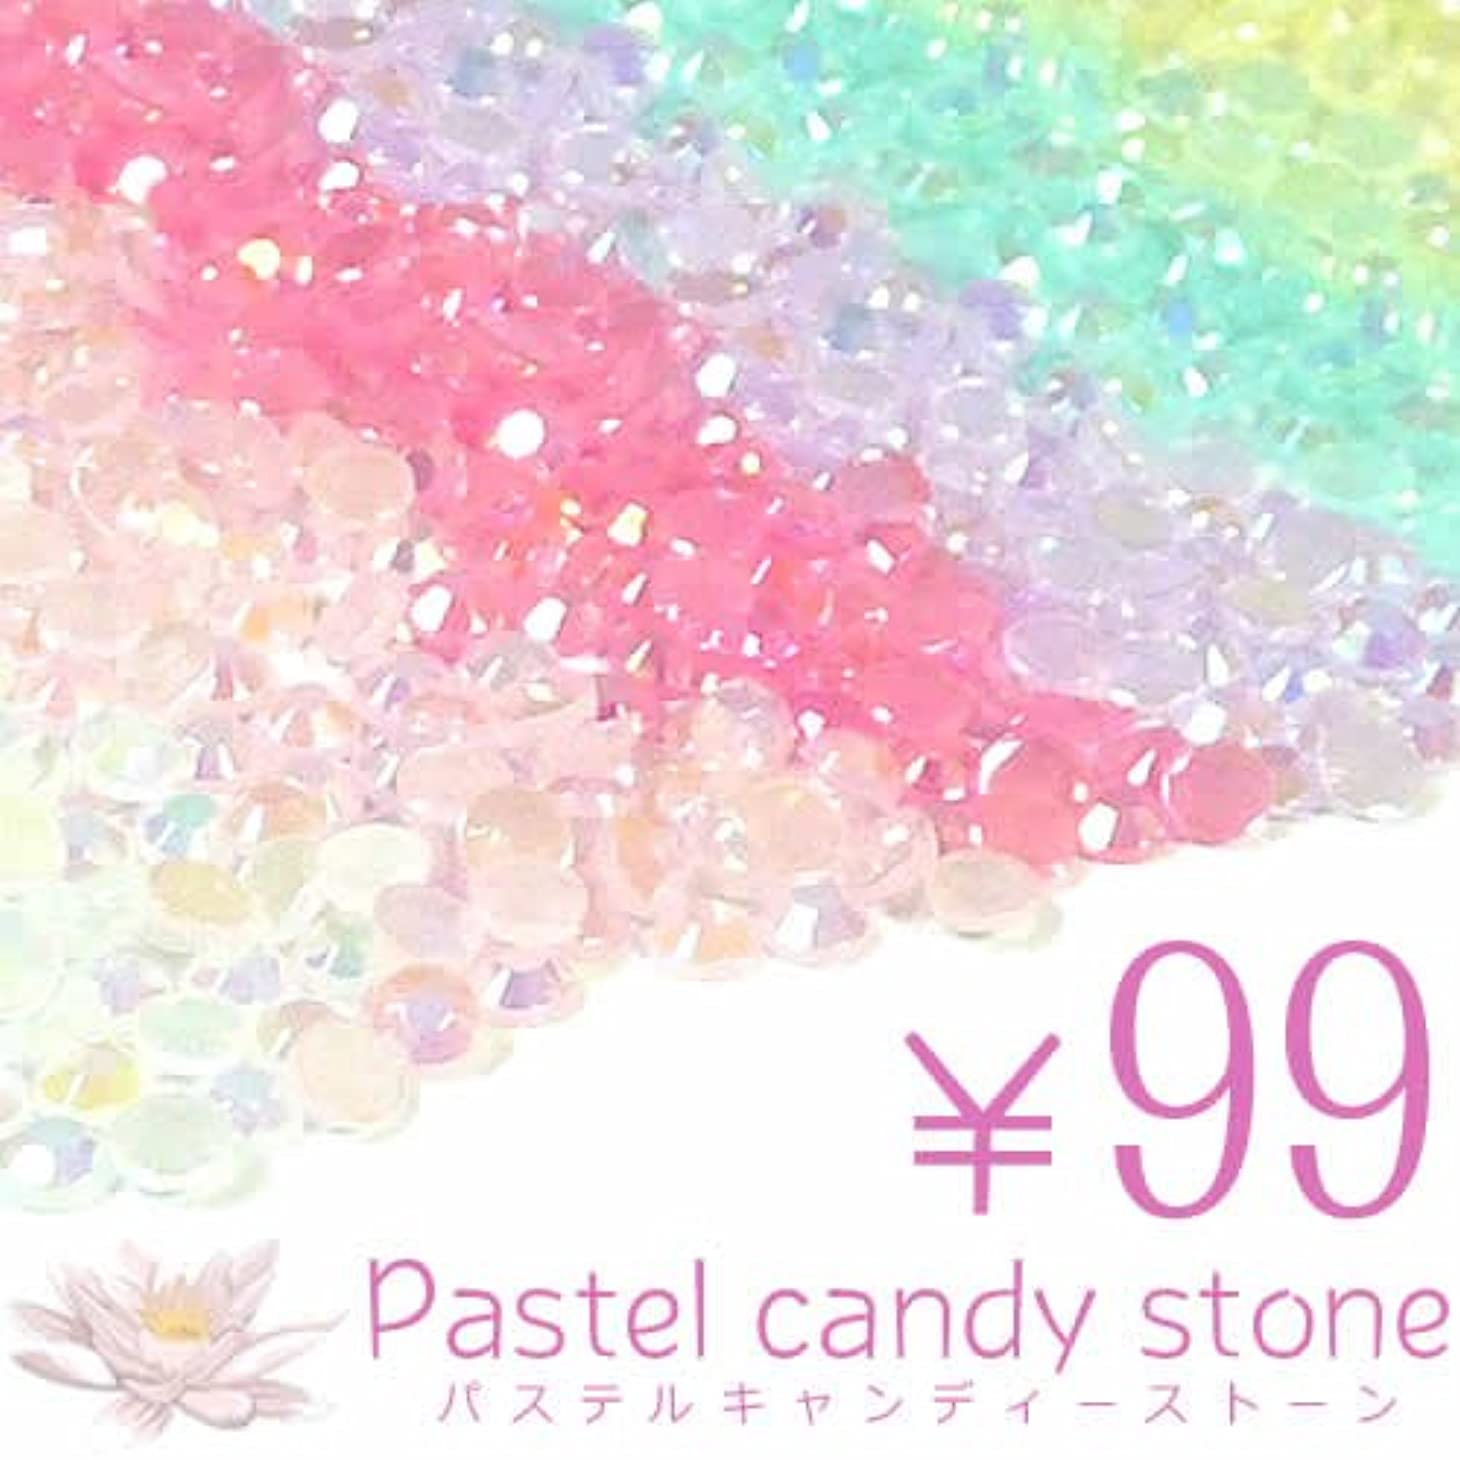 優雅シャッター鋼シャボン玉 パステル キャンディー ラインストーン デコ電 ネイル2mm ライトグリーンAB